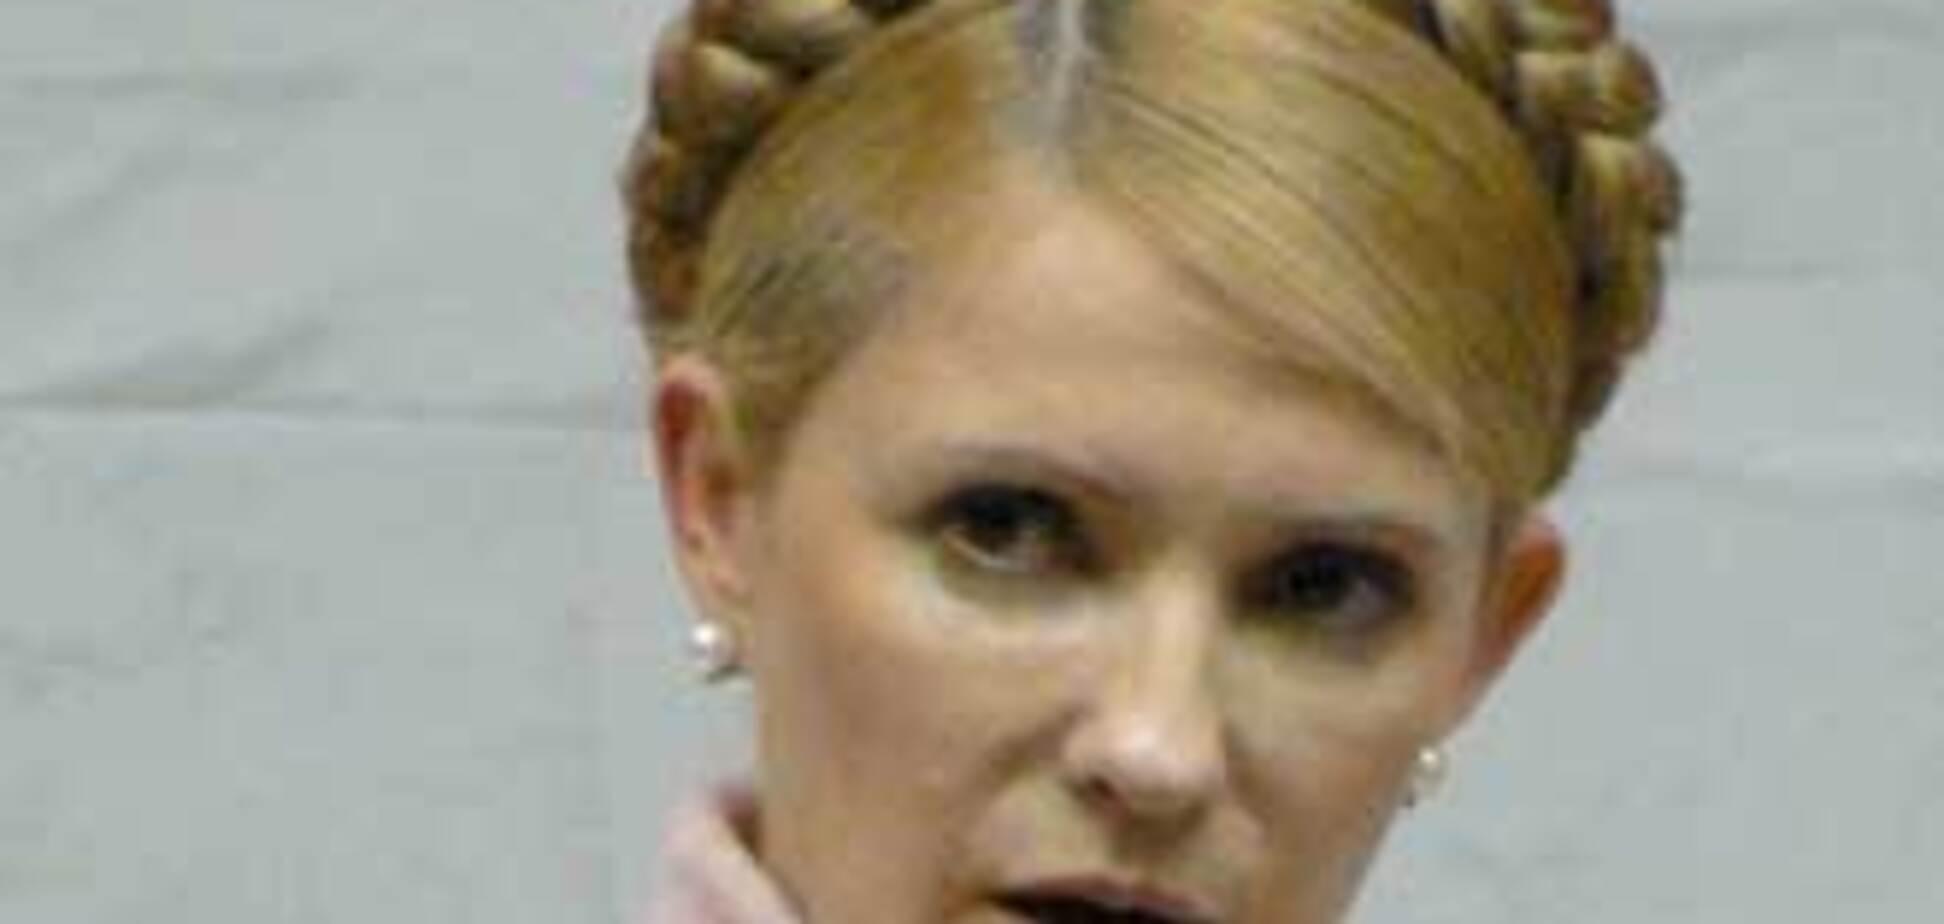 Винничане перекрыли улицы, требуя приезда Тимошенко